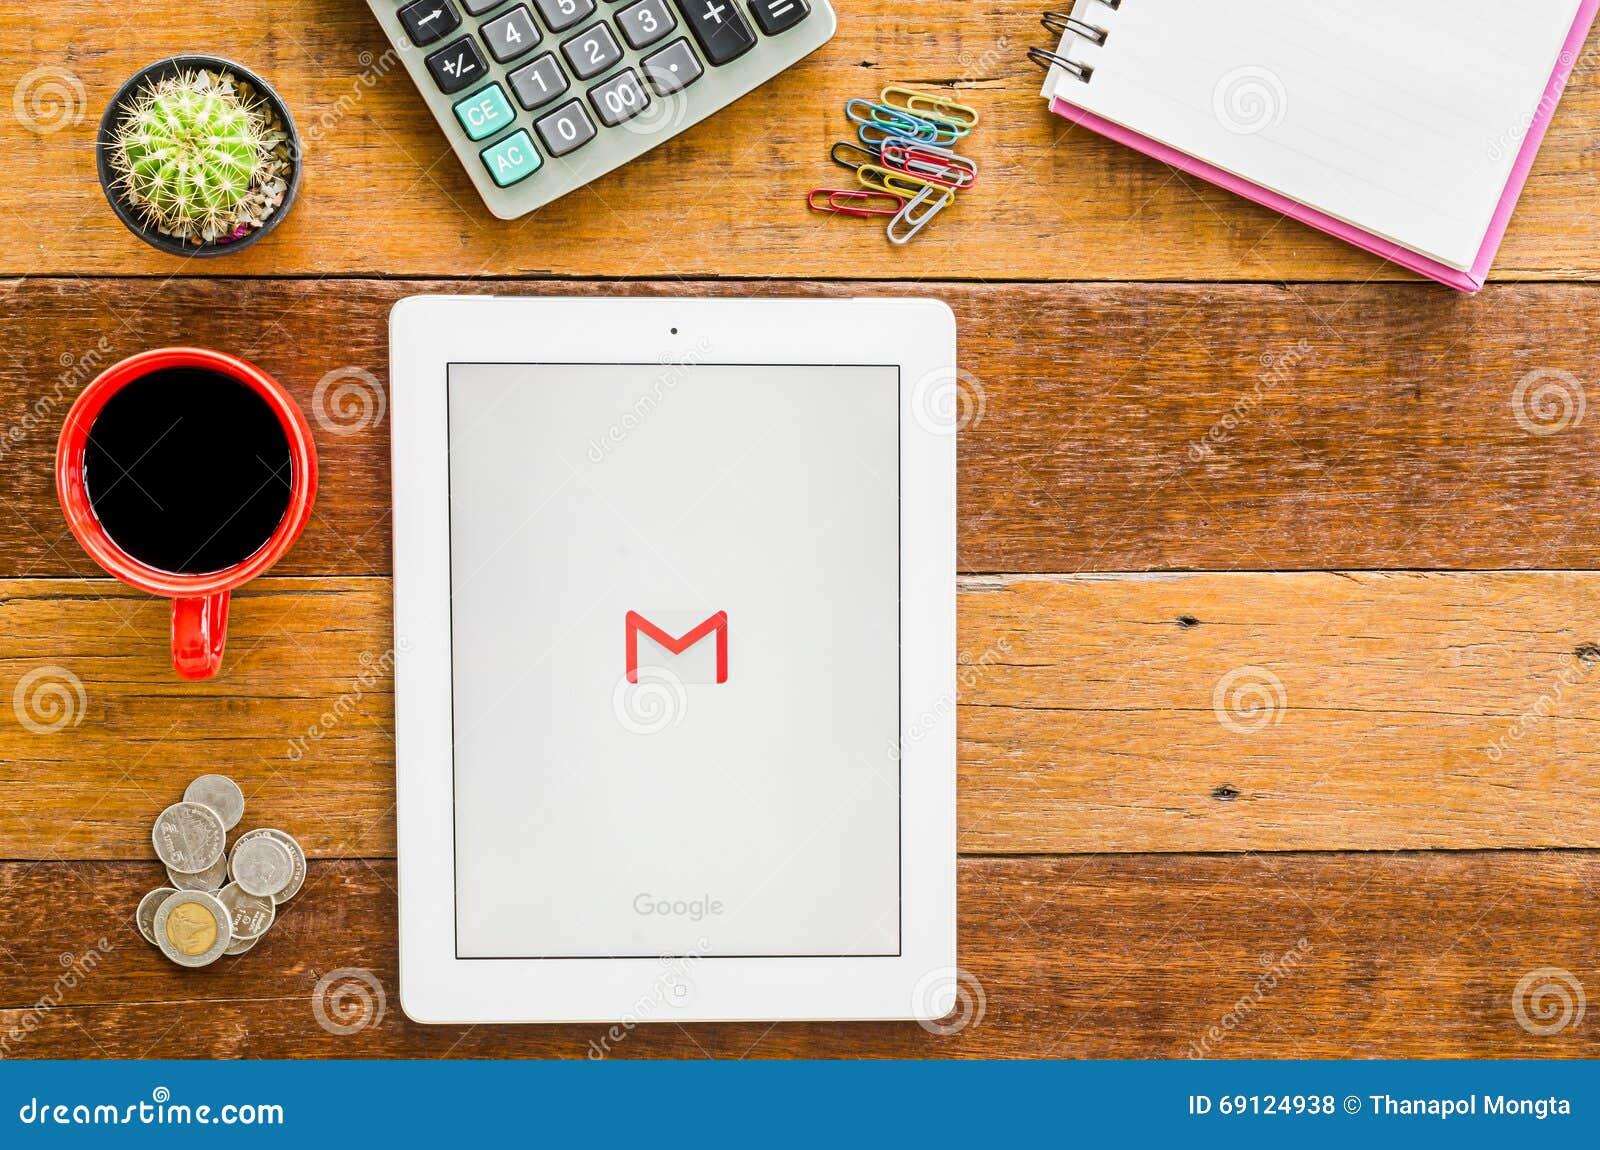 IPad 4 ανοικτή εφαρμογή Google Gmail